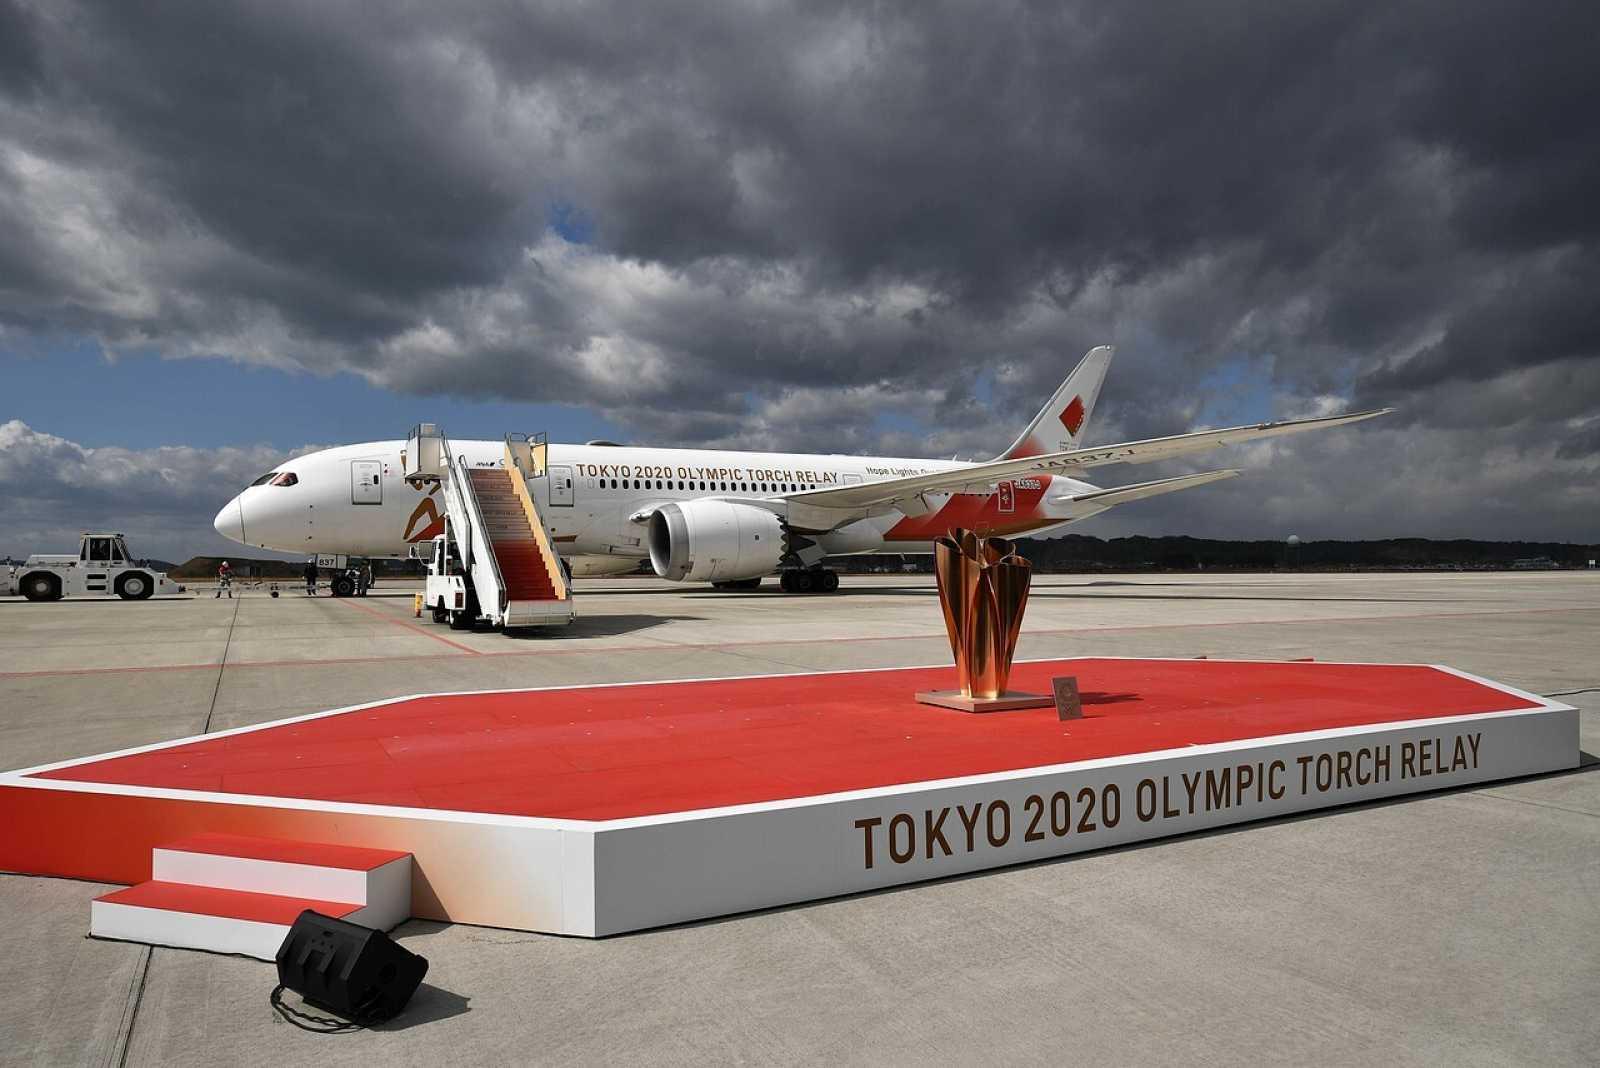 La antorcha olímpica aterriza en Japón en medio de las dudas sobre si posponer los Juegos Olímpicos